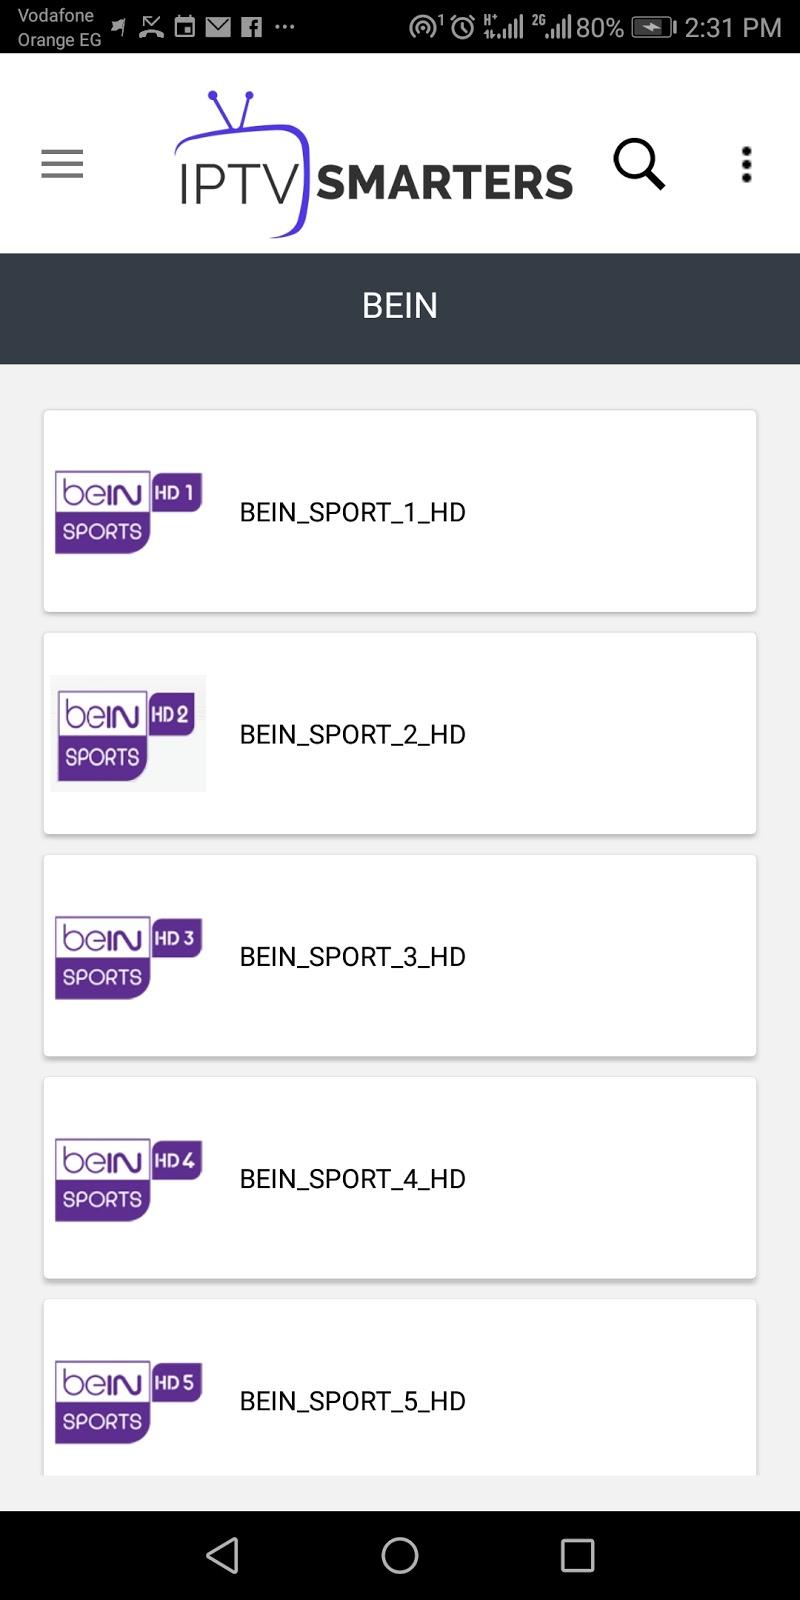 اكواد Xtream Code IptV لجميع الباقات بتاريخ 07/08/2019 | عرب لاند